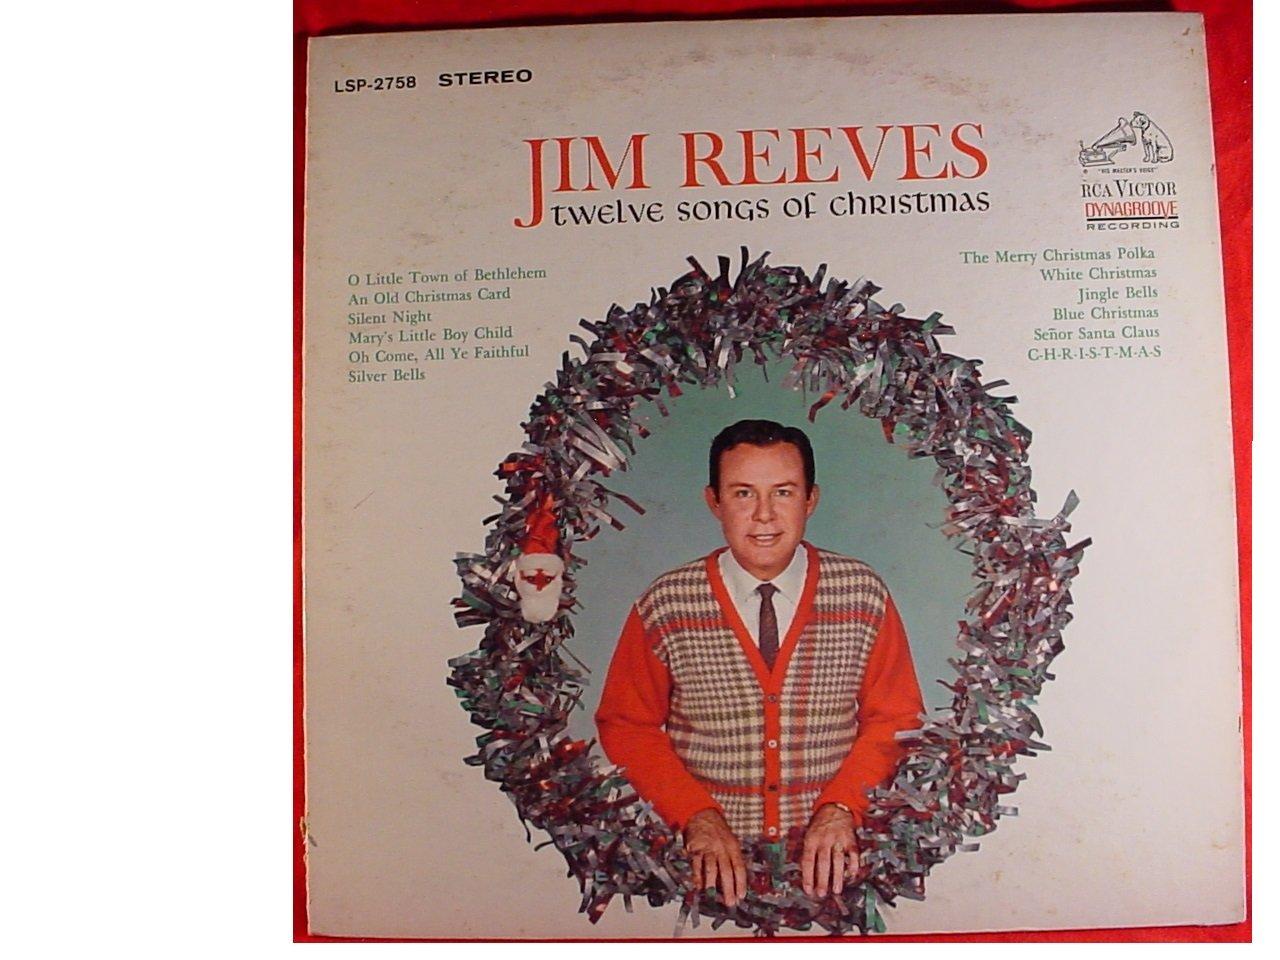 Jim Reeves - JIM REEVES - twelve songs of christmas RCA 2758 (LP ...